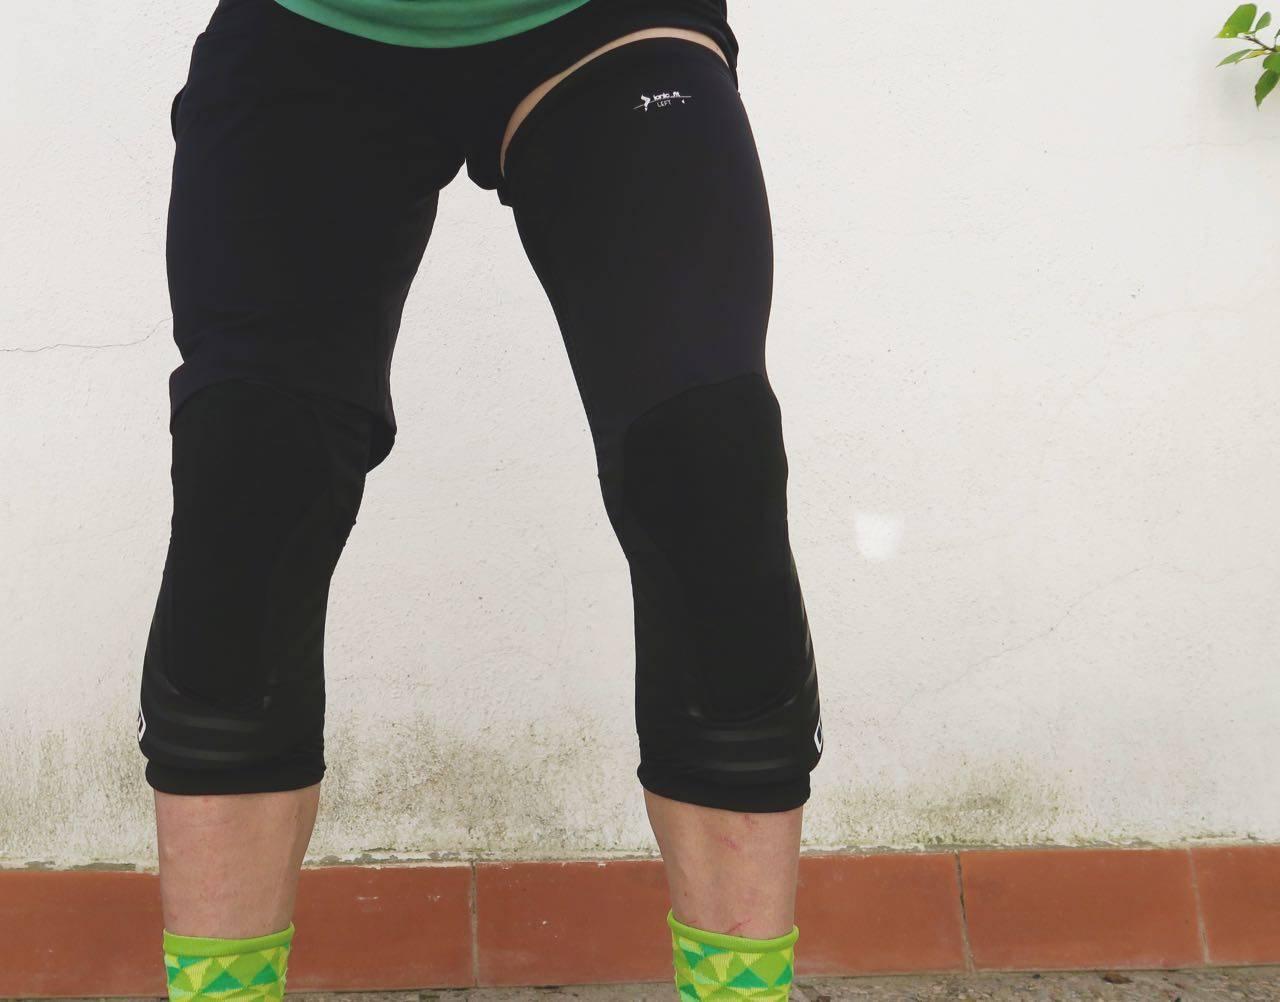 LANGE STRØMPER: Ion K-Sleeve er knevarmere med noe ekstra polstring. Fint med beskytter nedover leggen, men tynt over kneet.